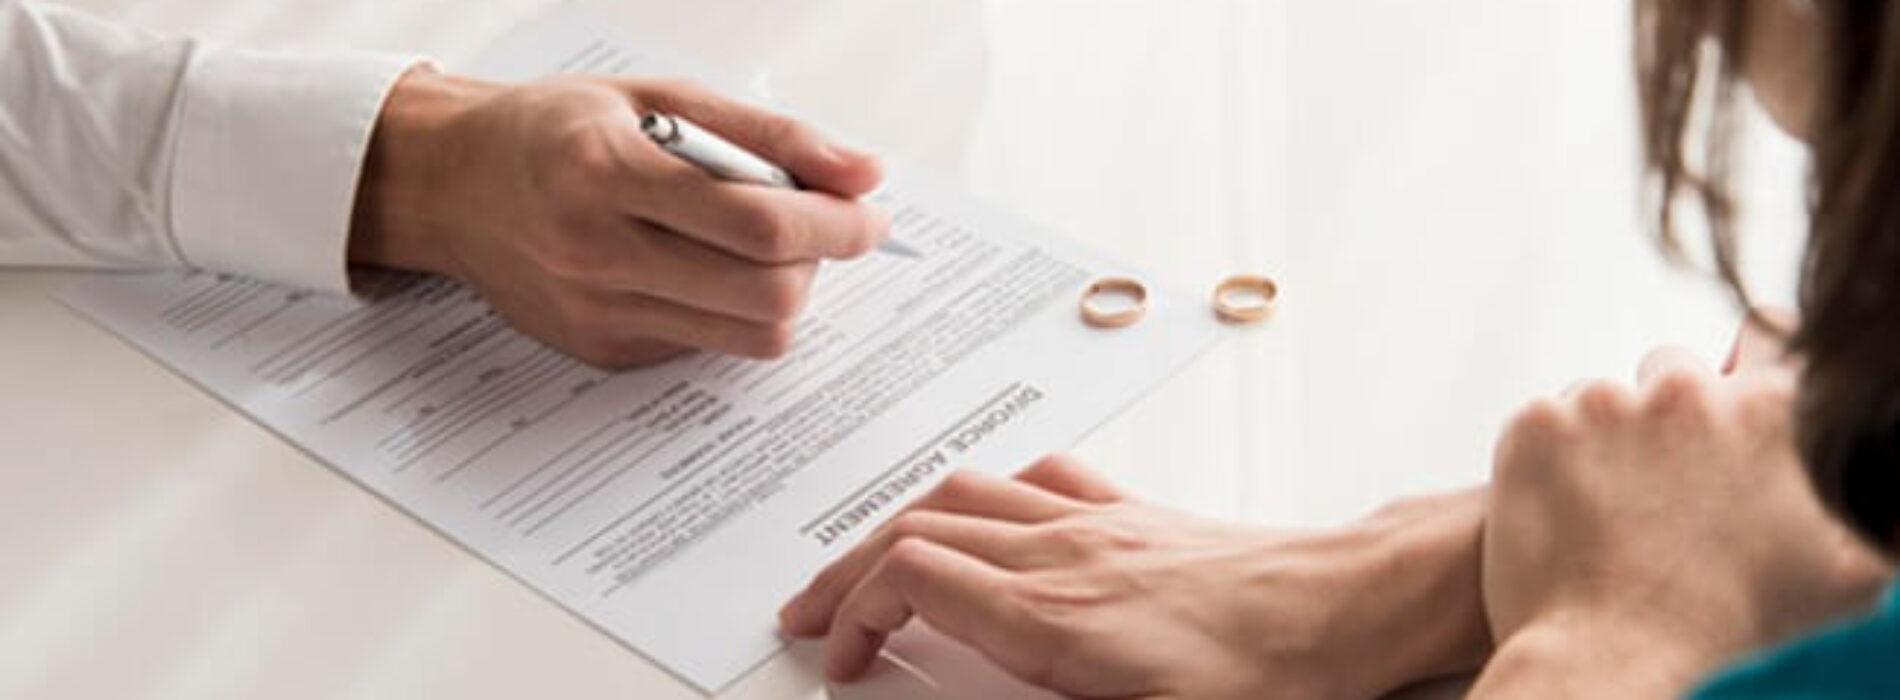 Kto spłaca kredyt gotówkowy po rozwodzie?